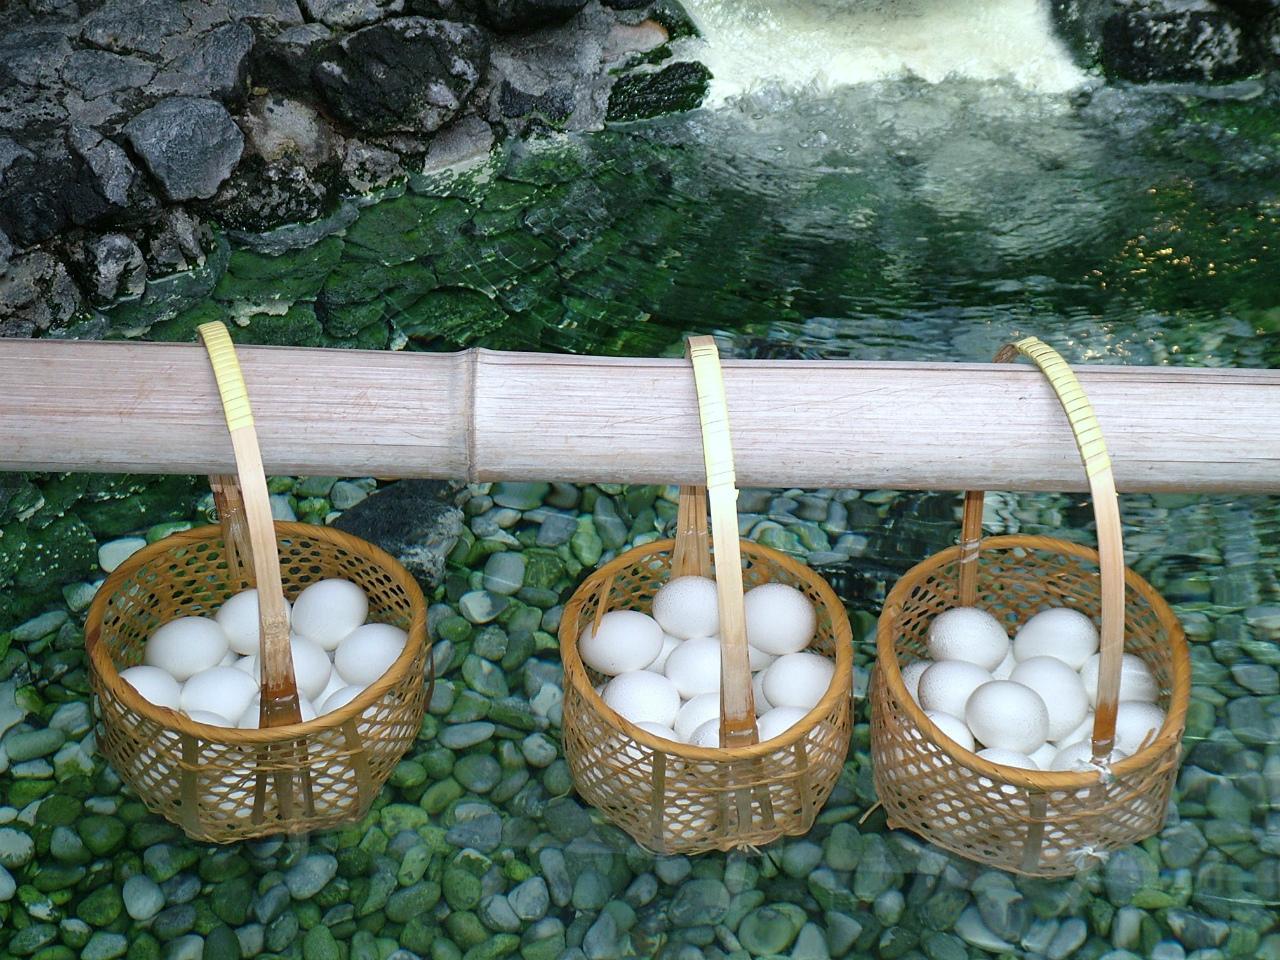 『つぼ湯』は和歌山の入浴できる世界遺産!予約必須の人気施設のアクセスは?